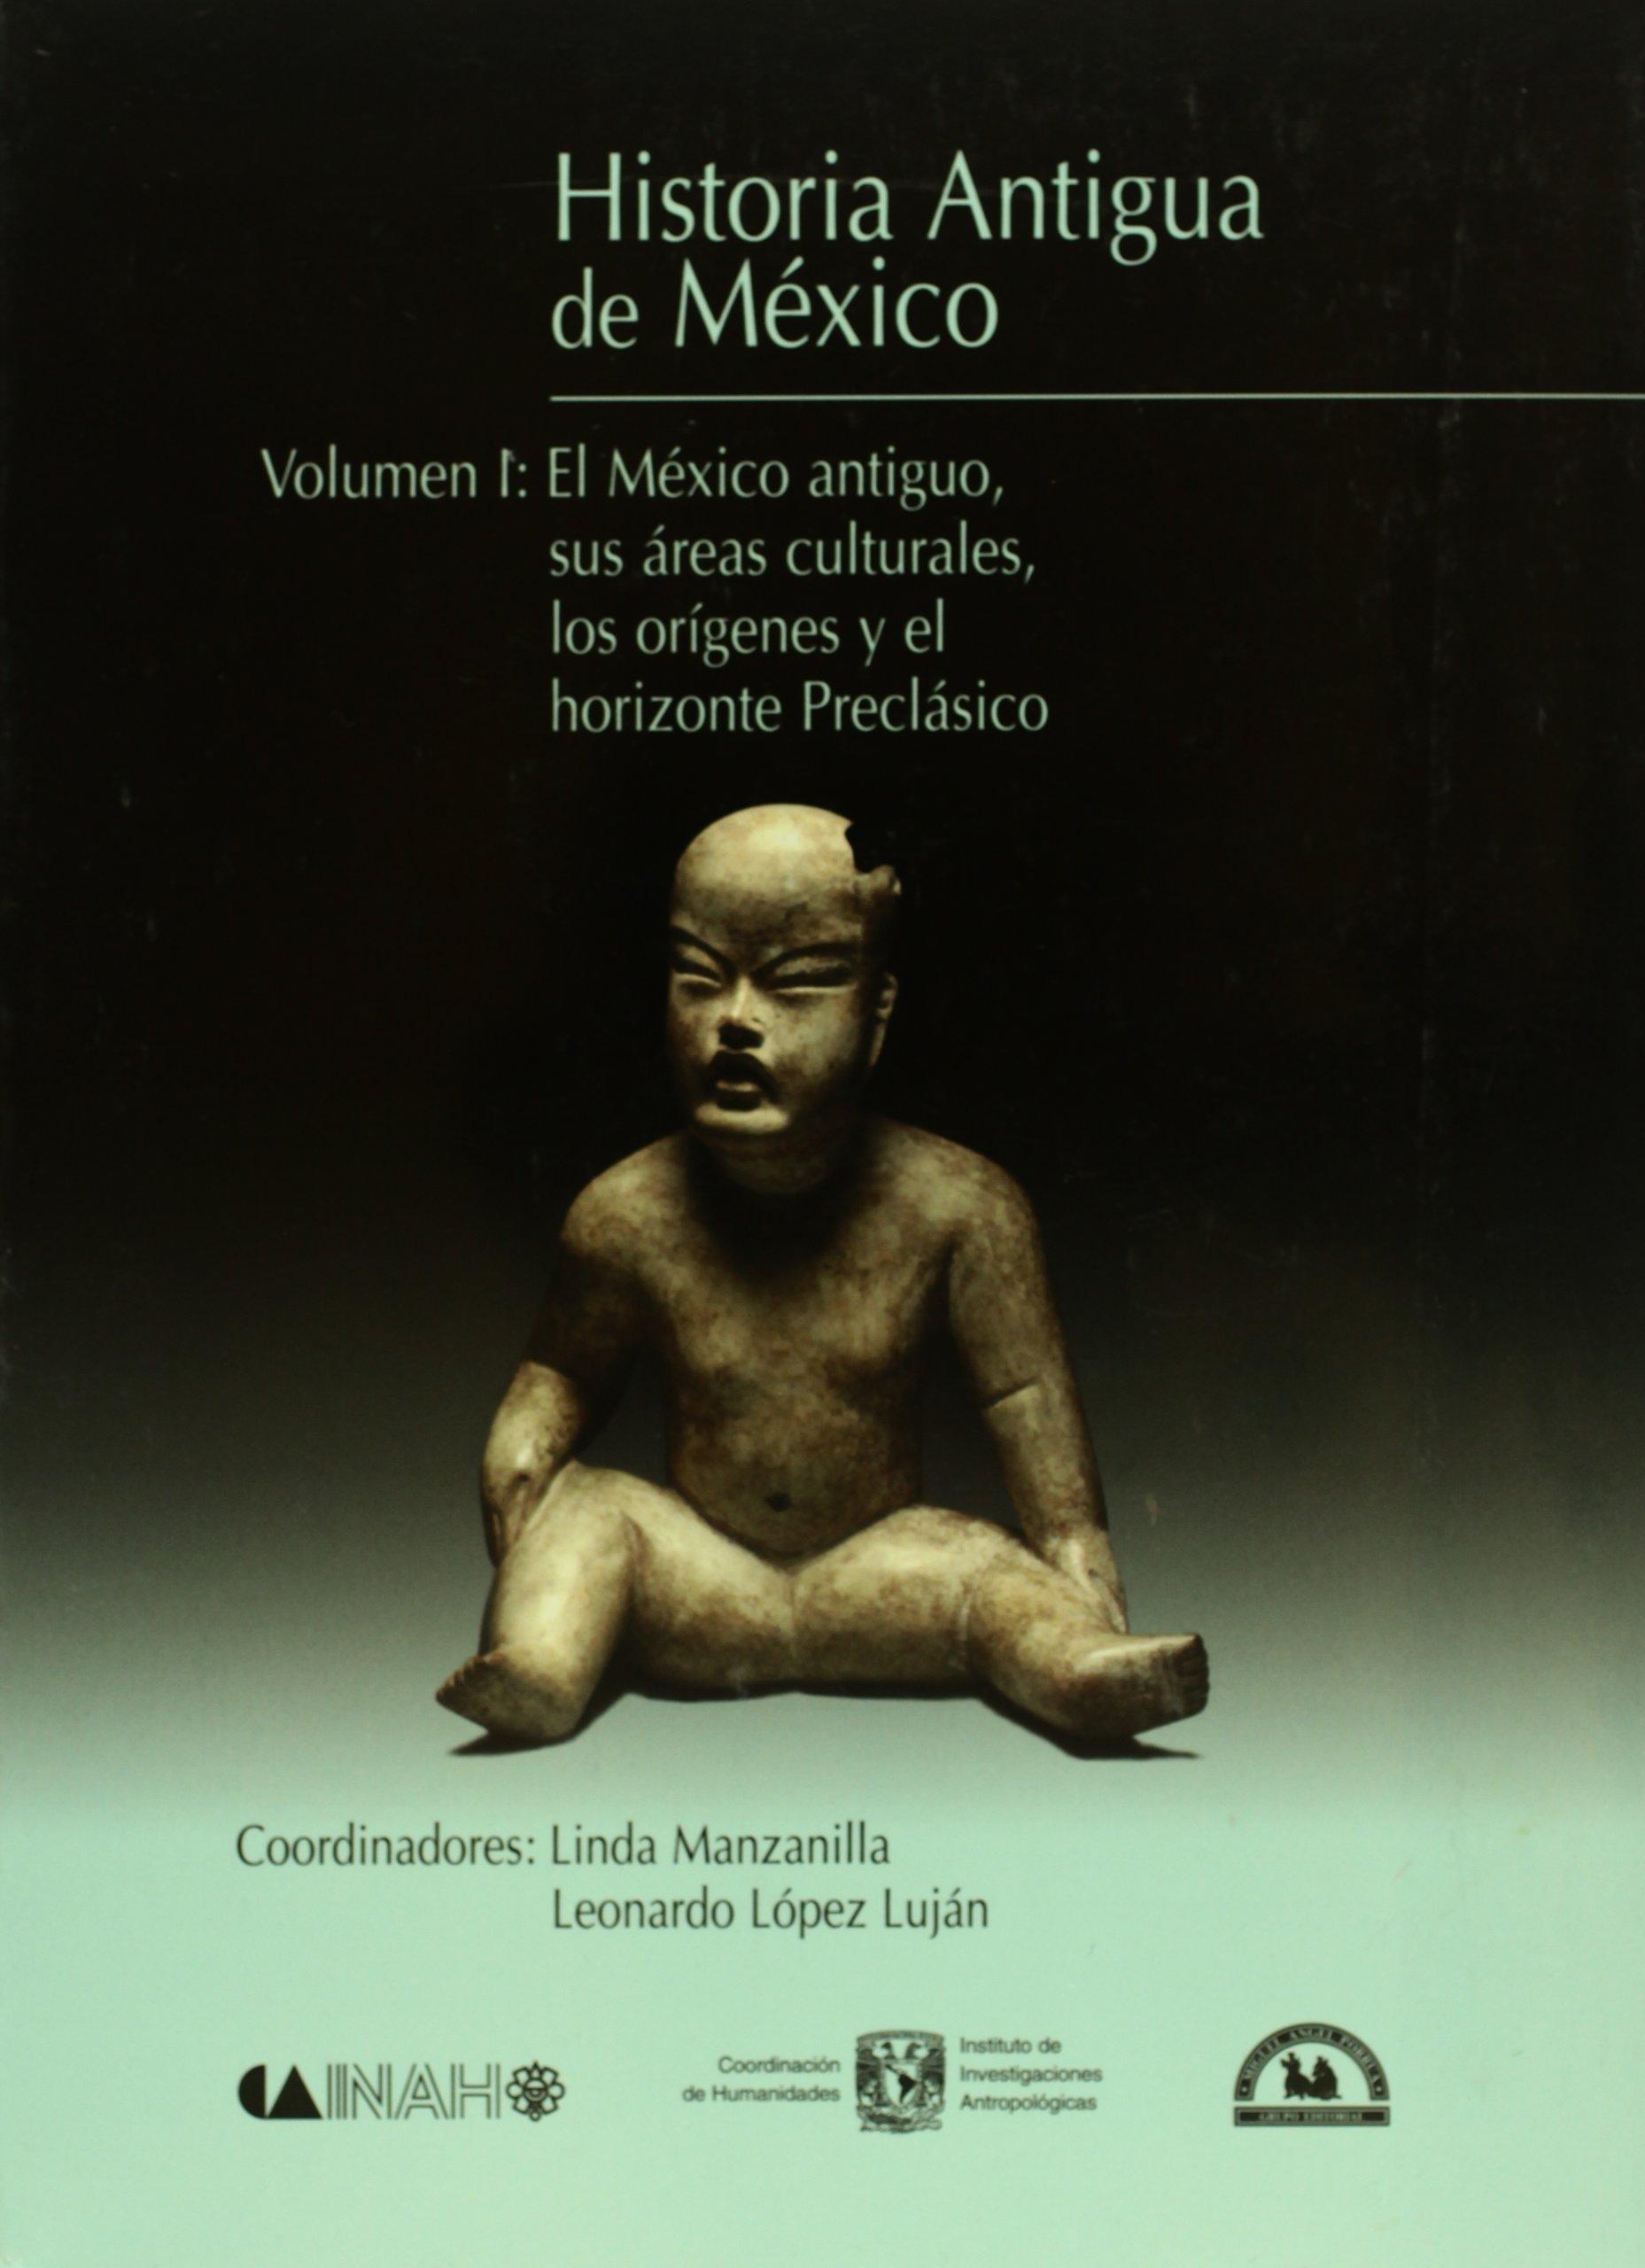 Download Historia antigua de Mexico. Vol. 1: El Mexico antiguo, sus areas culturales, los origenes y el horizonte Preclasico (Spanish Edition) ebook